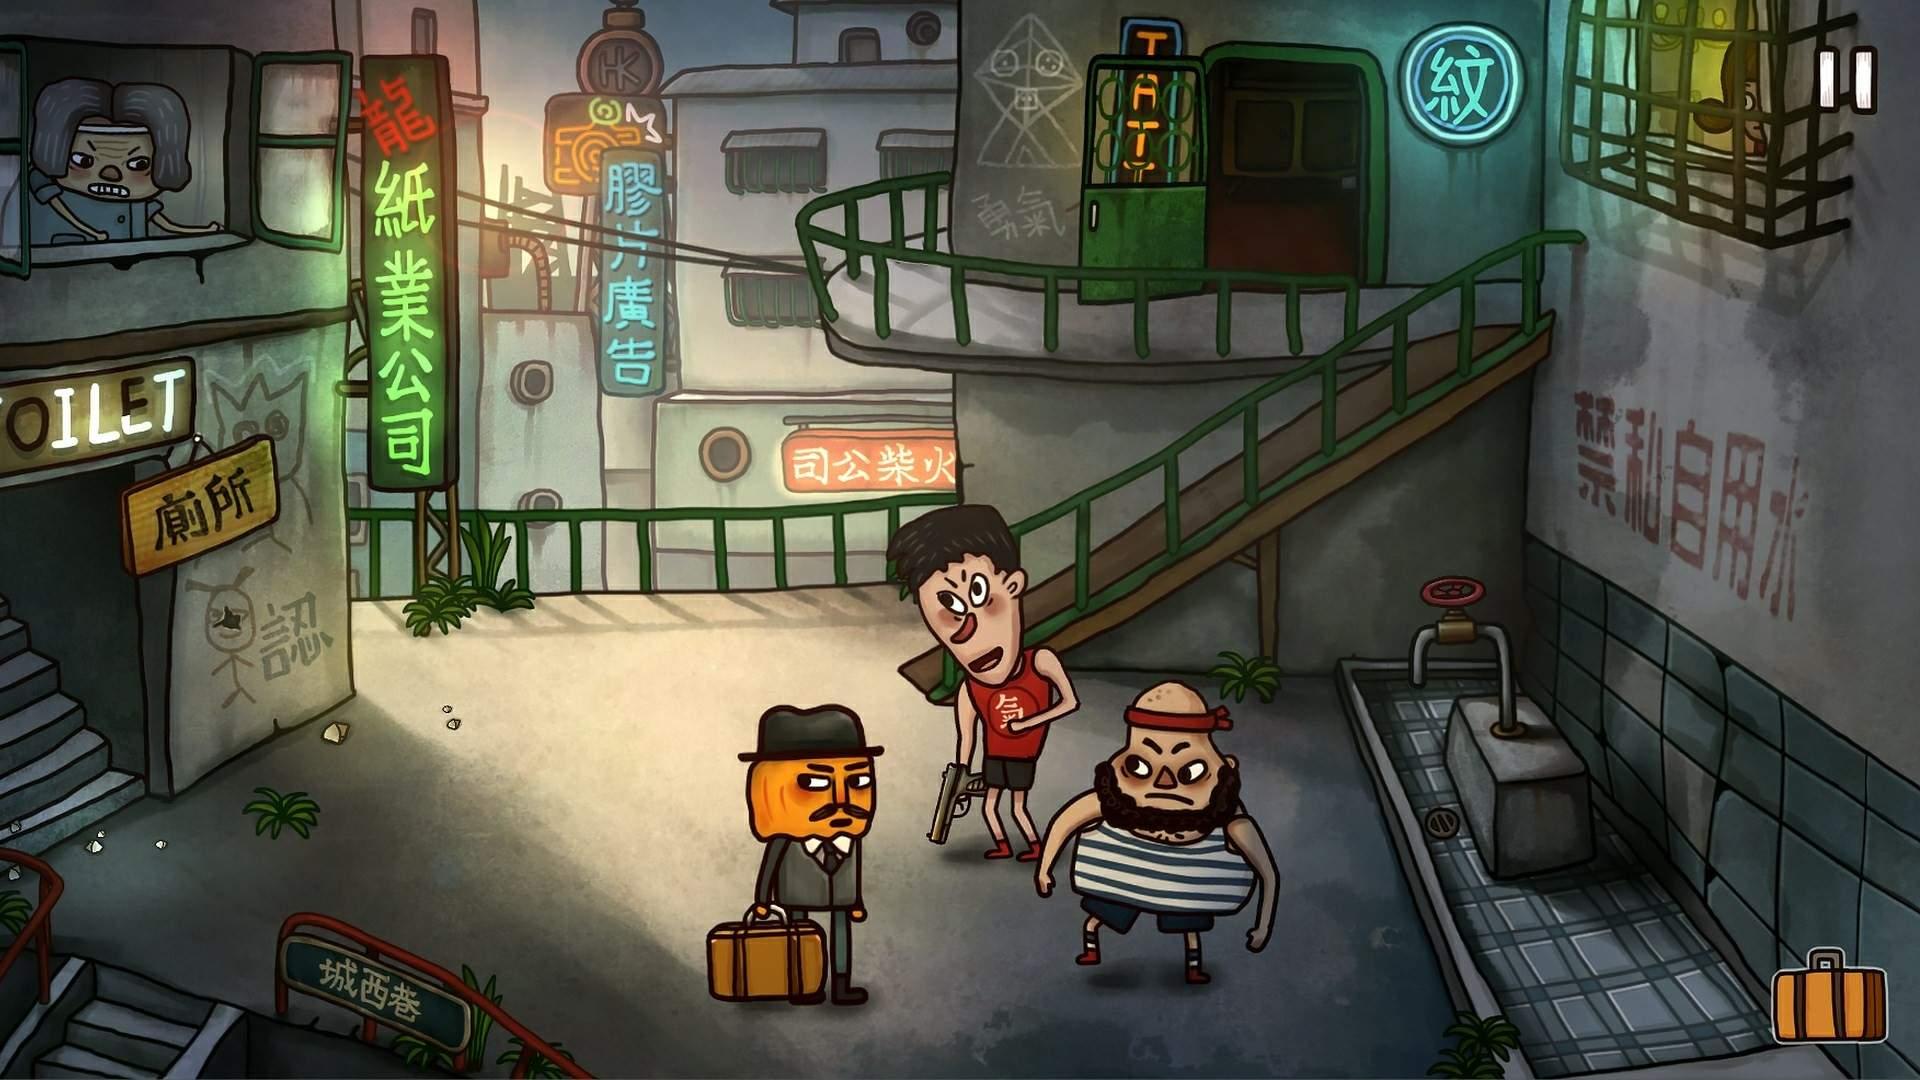 Mr. Pumpkin 2: Kowloon Walled City – 15 settembre – Miglioramento Xbox One X